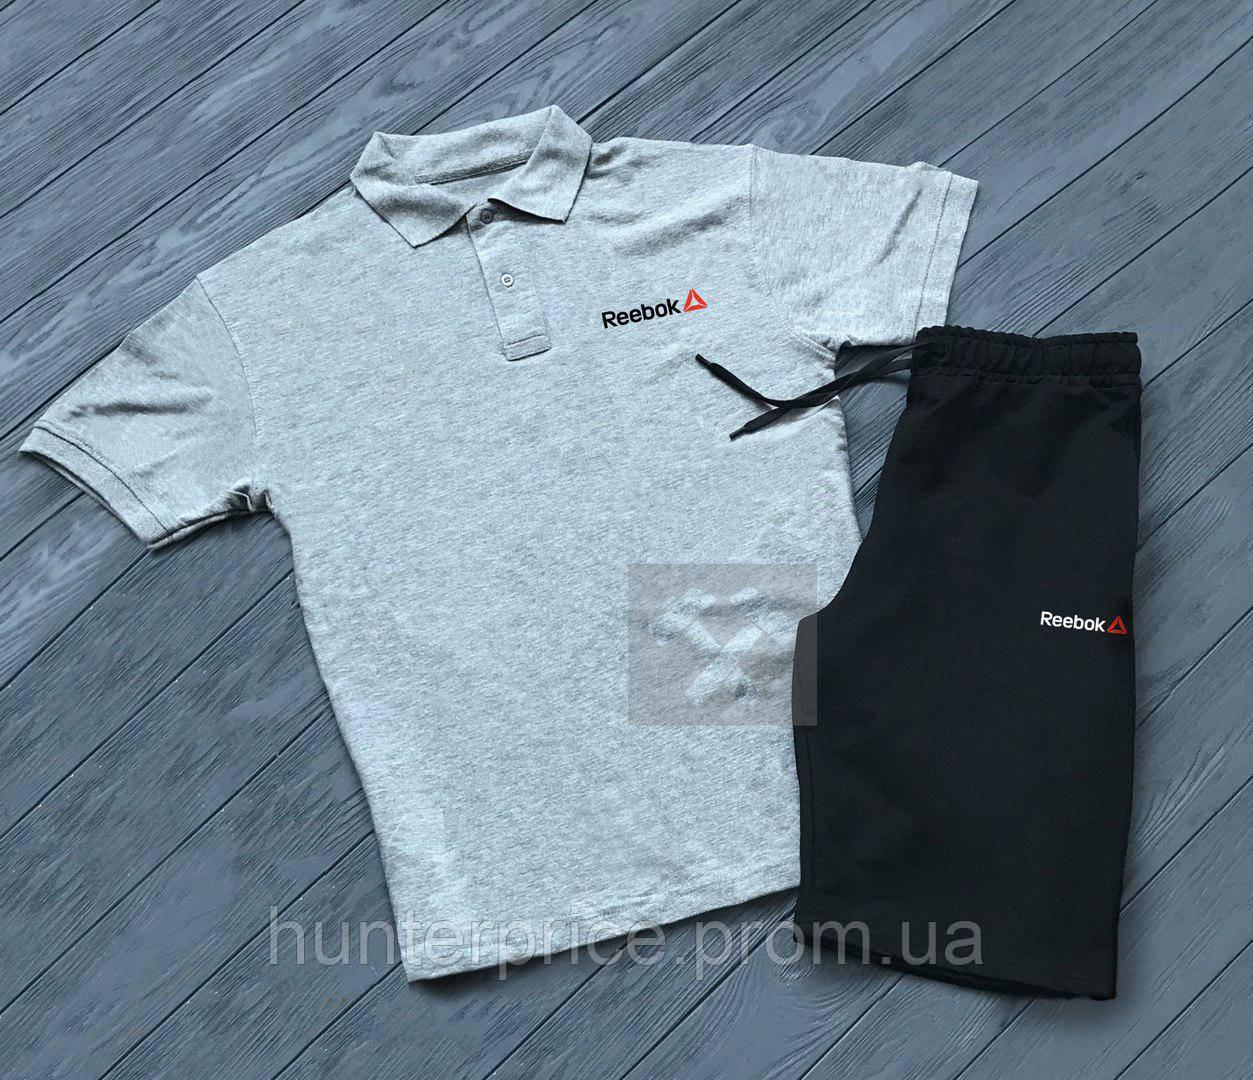 8ee27e22286e Комплект серая футболка поло и черные шорты Reebok   Серая тениска Reebok    Черные шорты Рибок